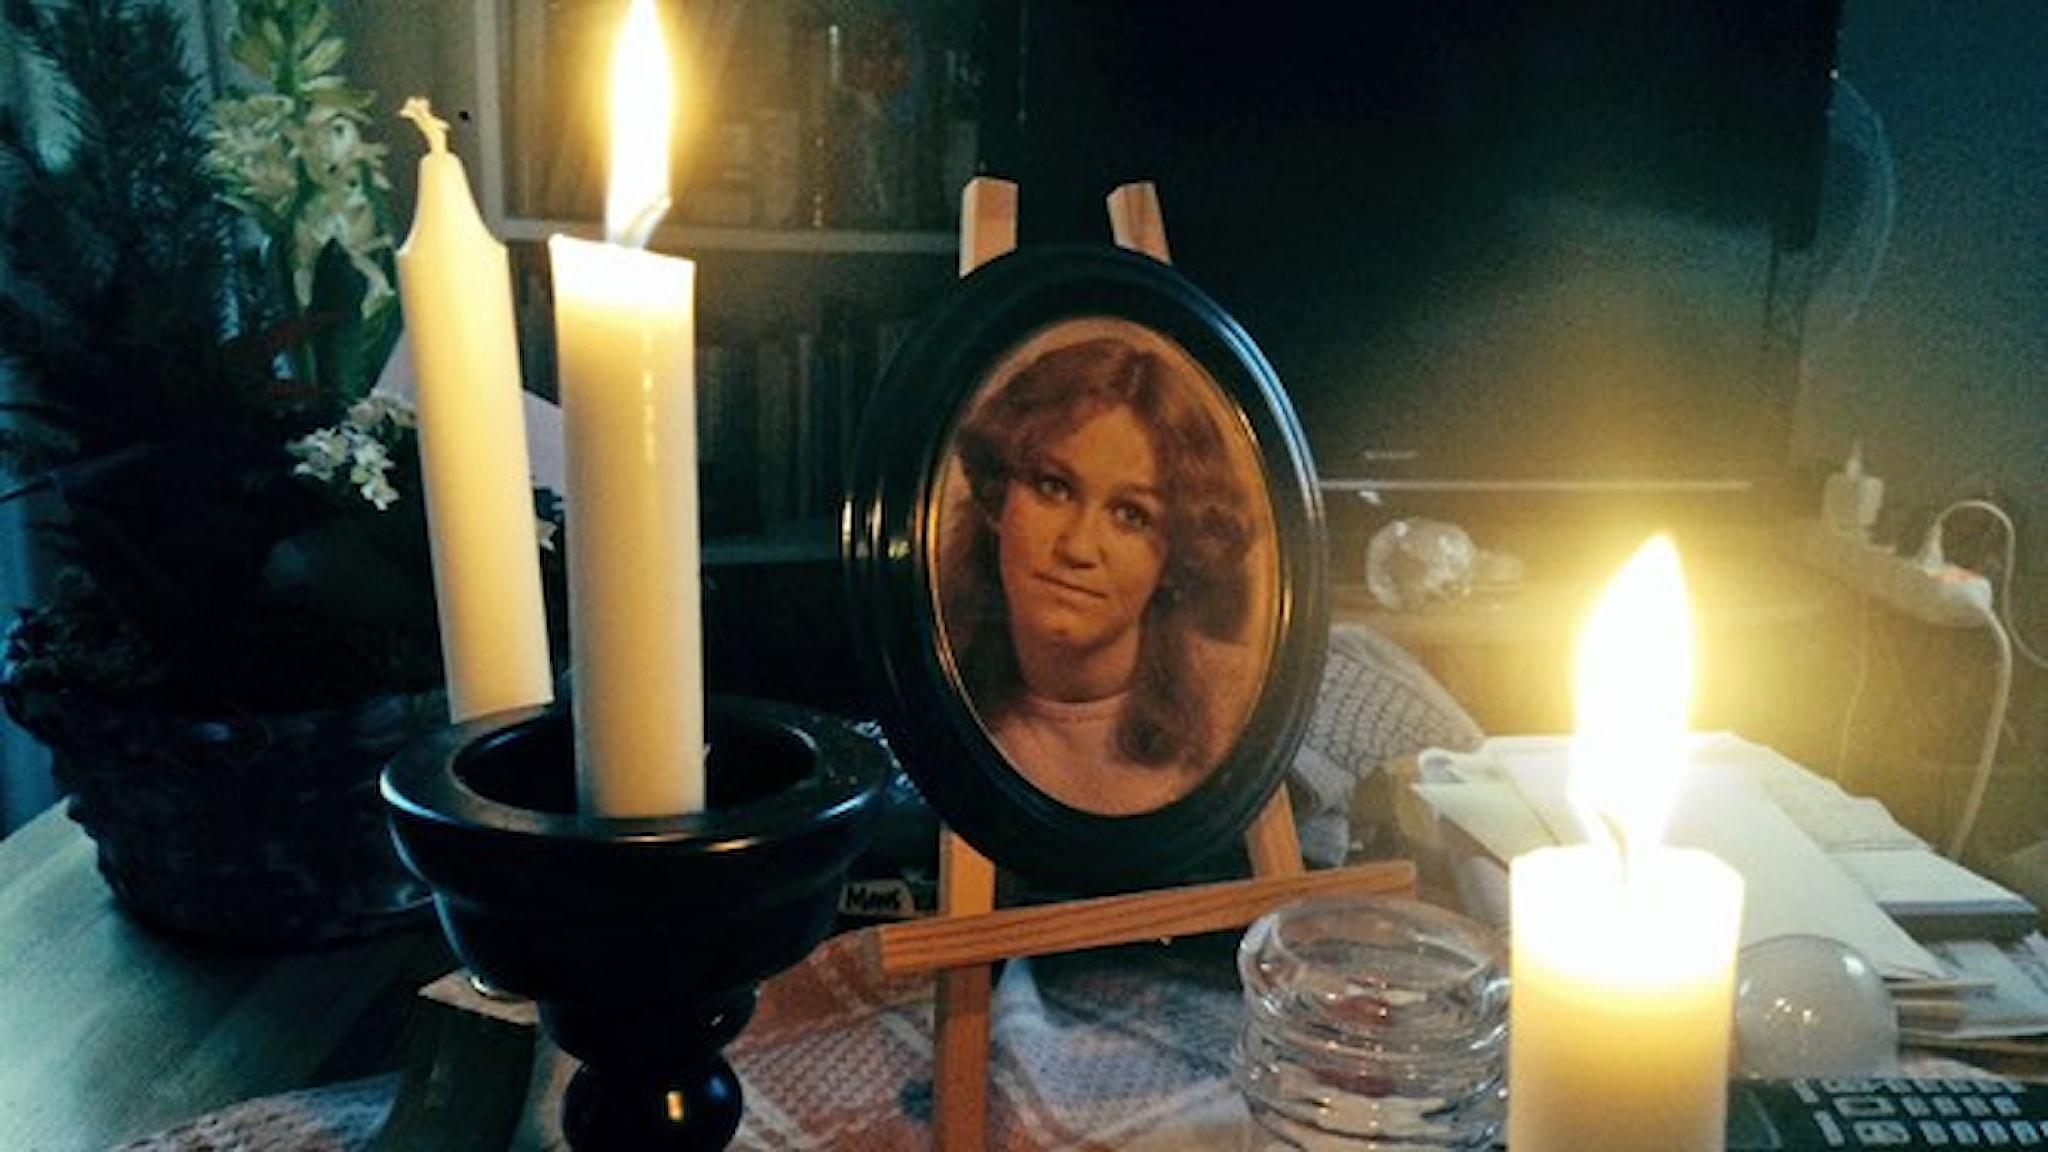 En ung tjej, som senare dog, syns på ett foto och 3 ljus på bordet